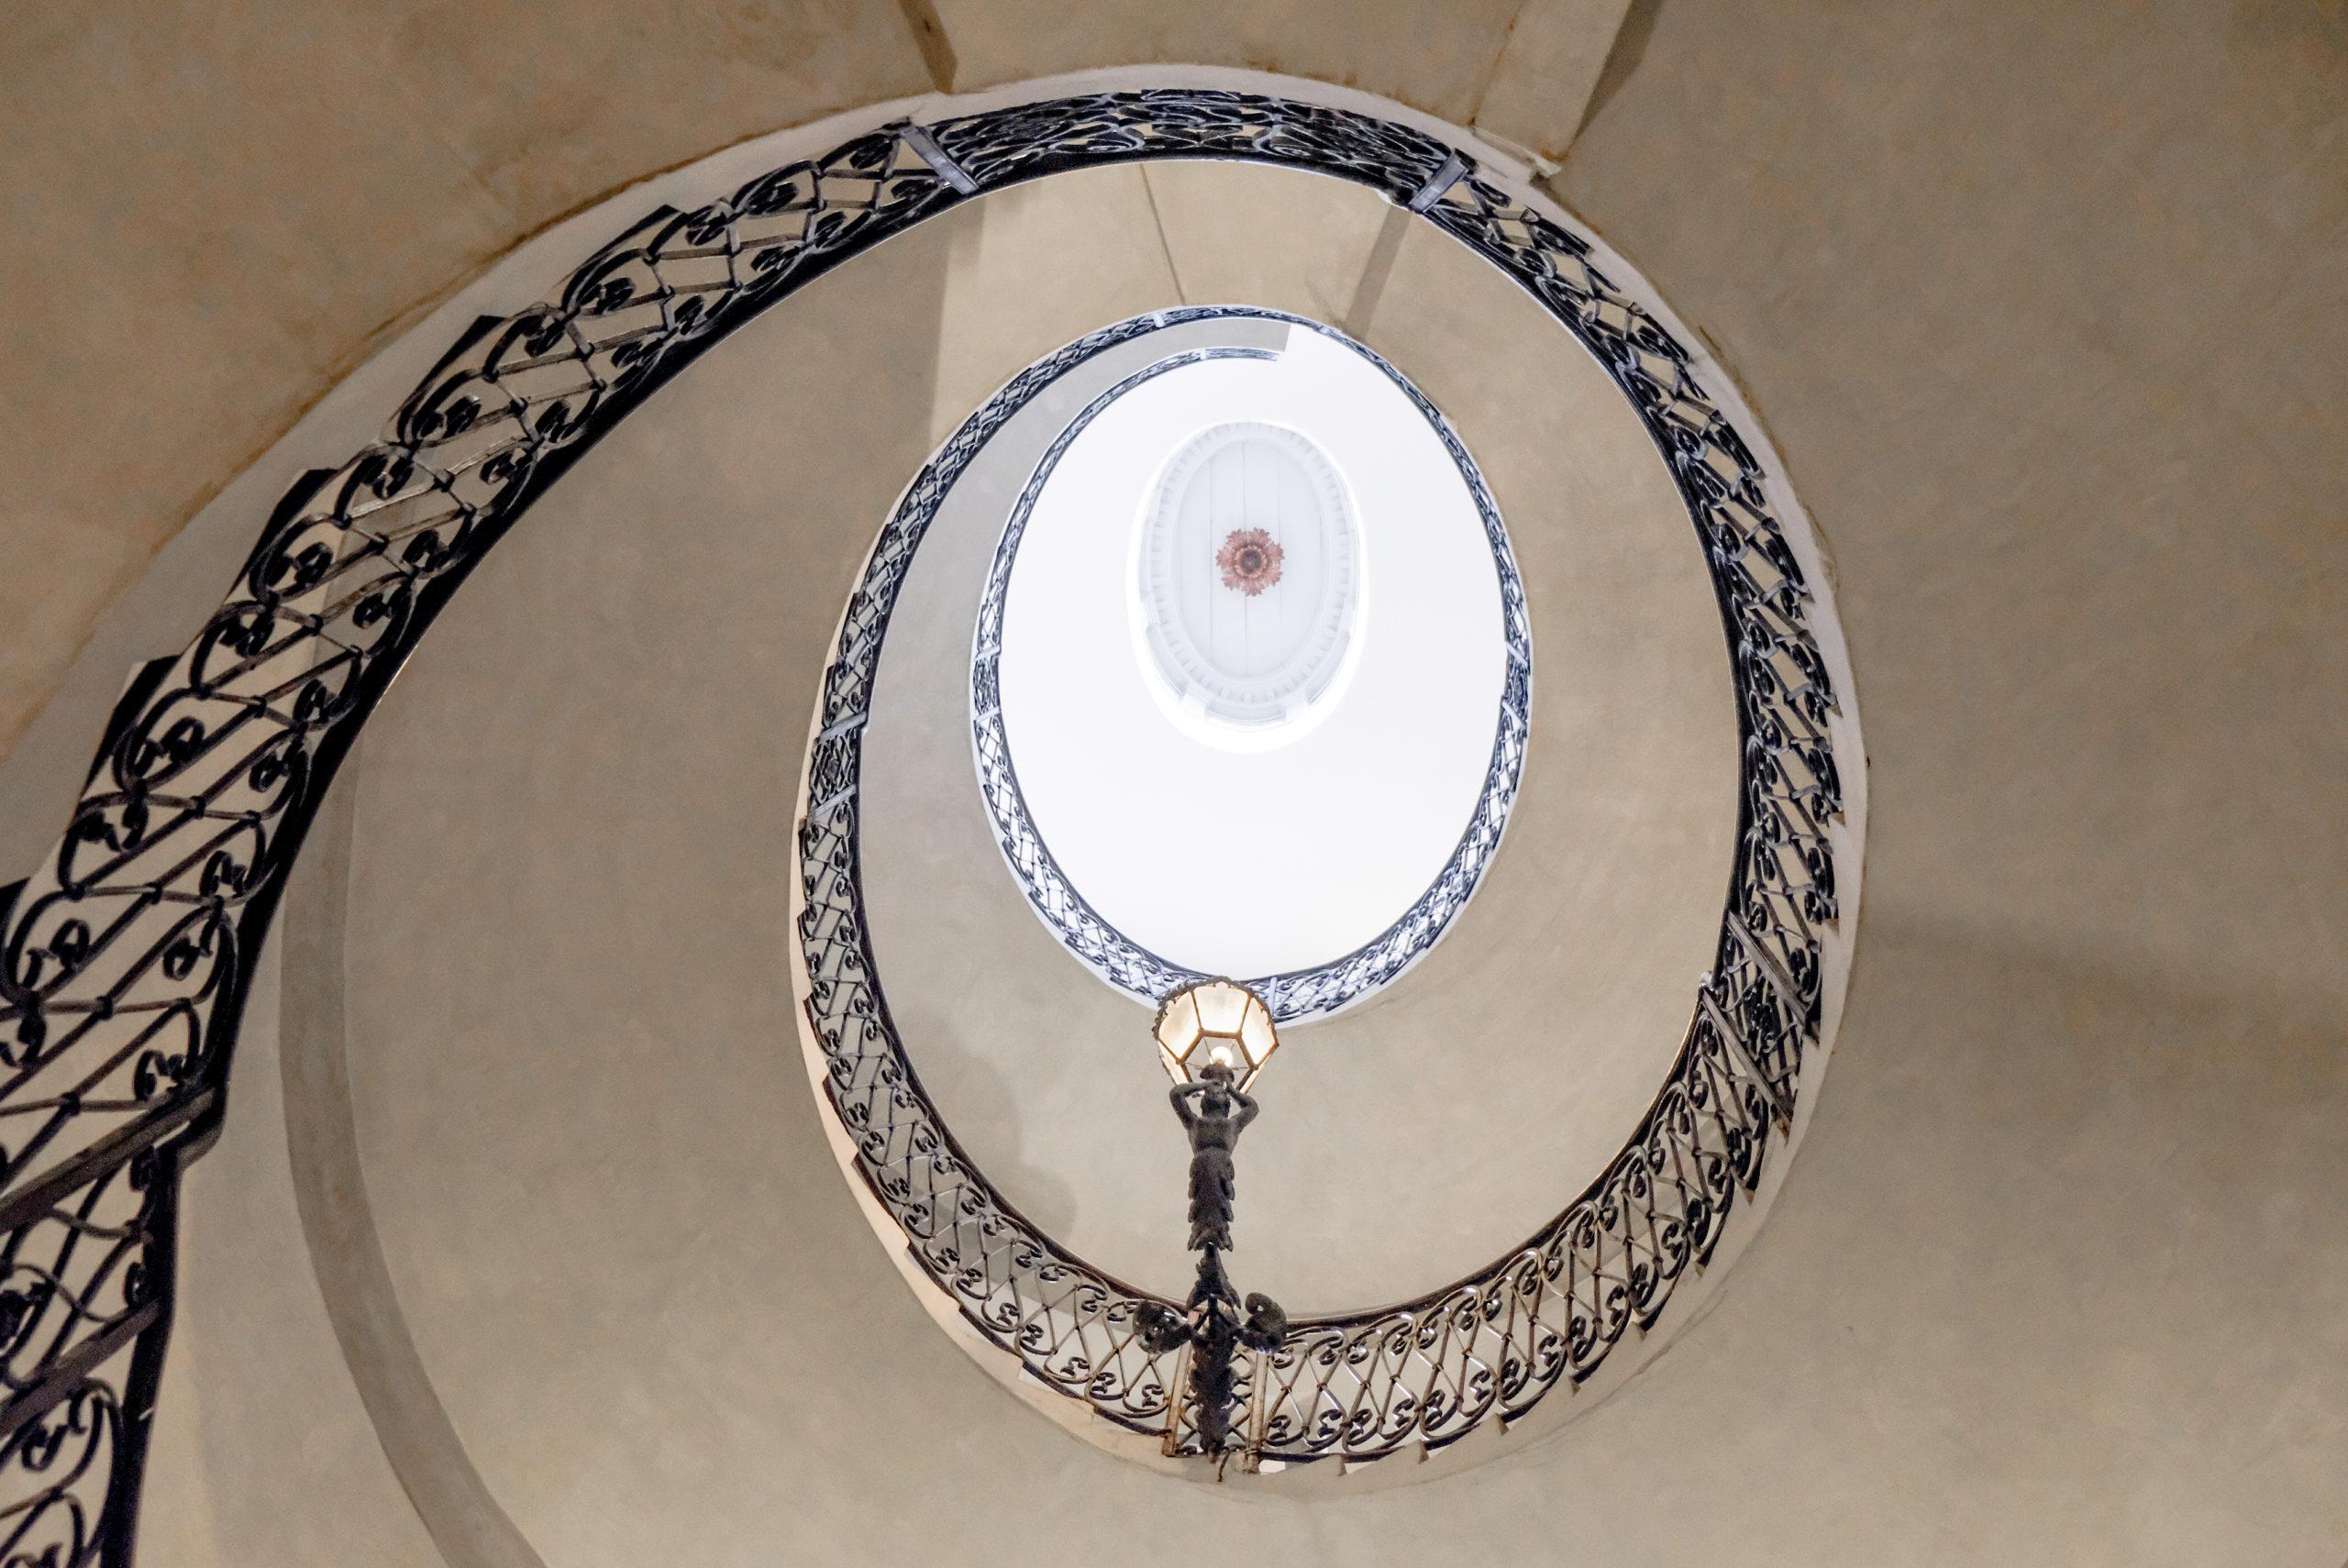 Un nuovo museo per Verona: apre Palazzo Maffei, casa dell'antico e del moderno